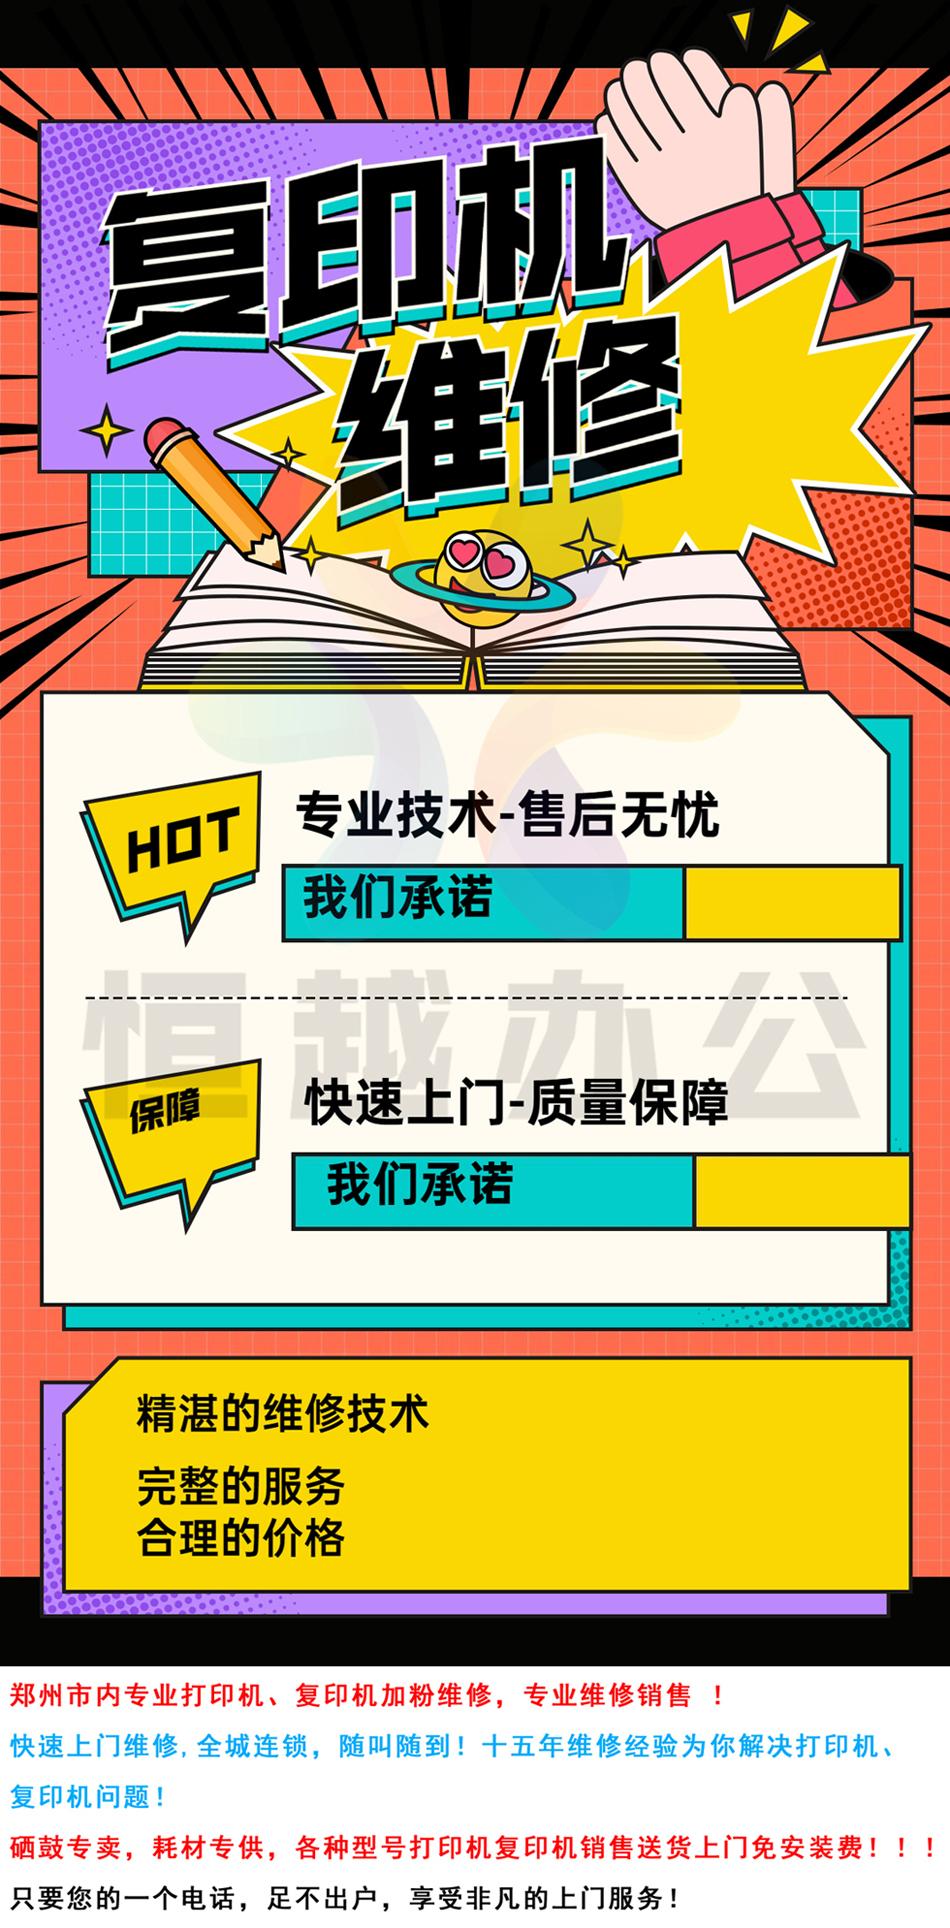 广州电脑组装与维修培训学校郑州联想打印机维修站点-询问报价